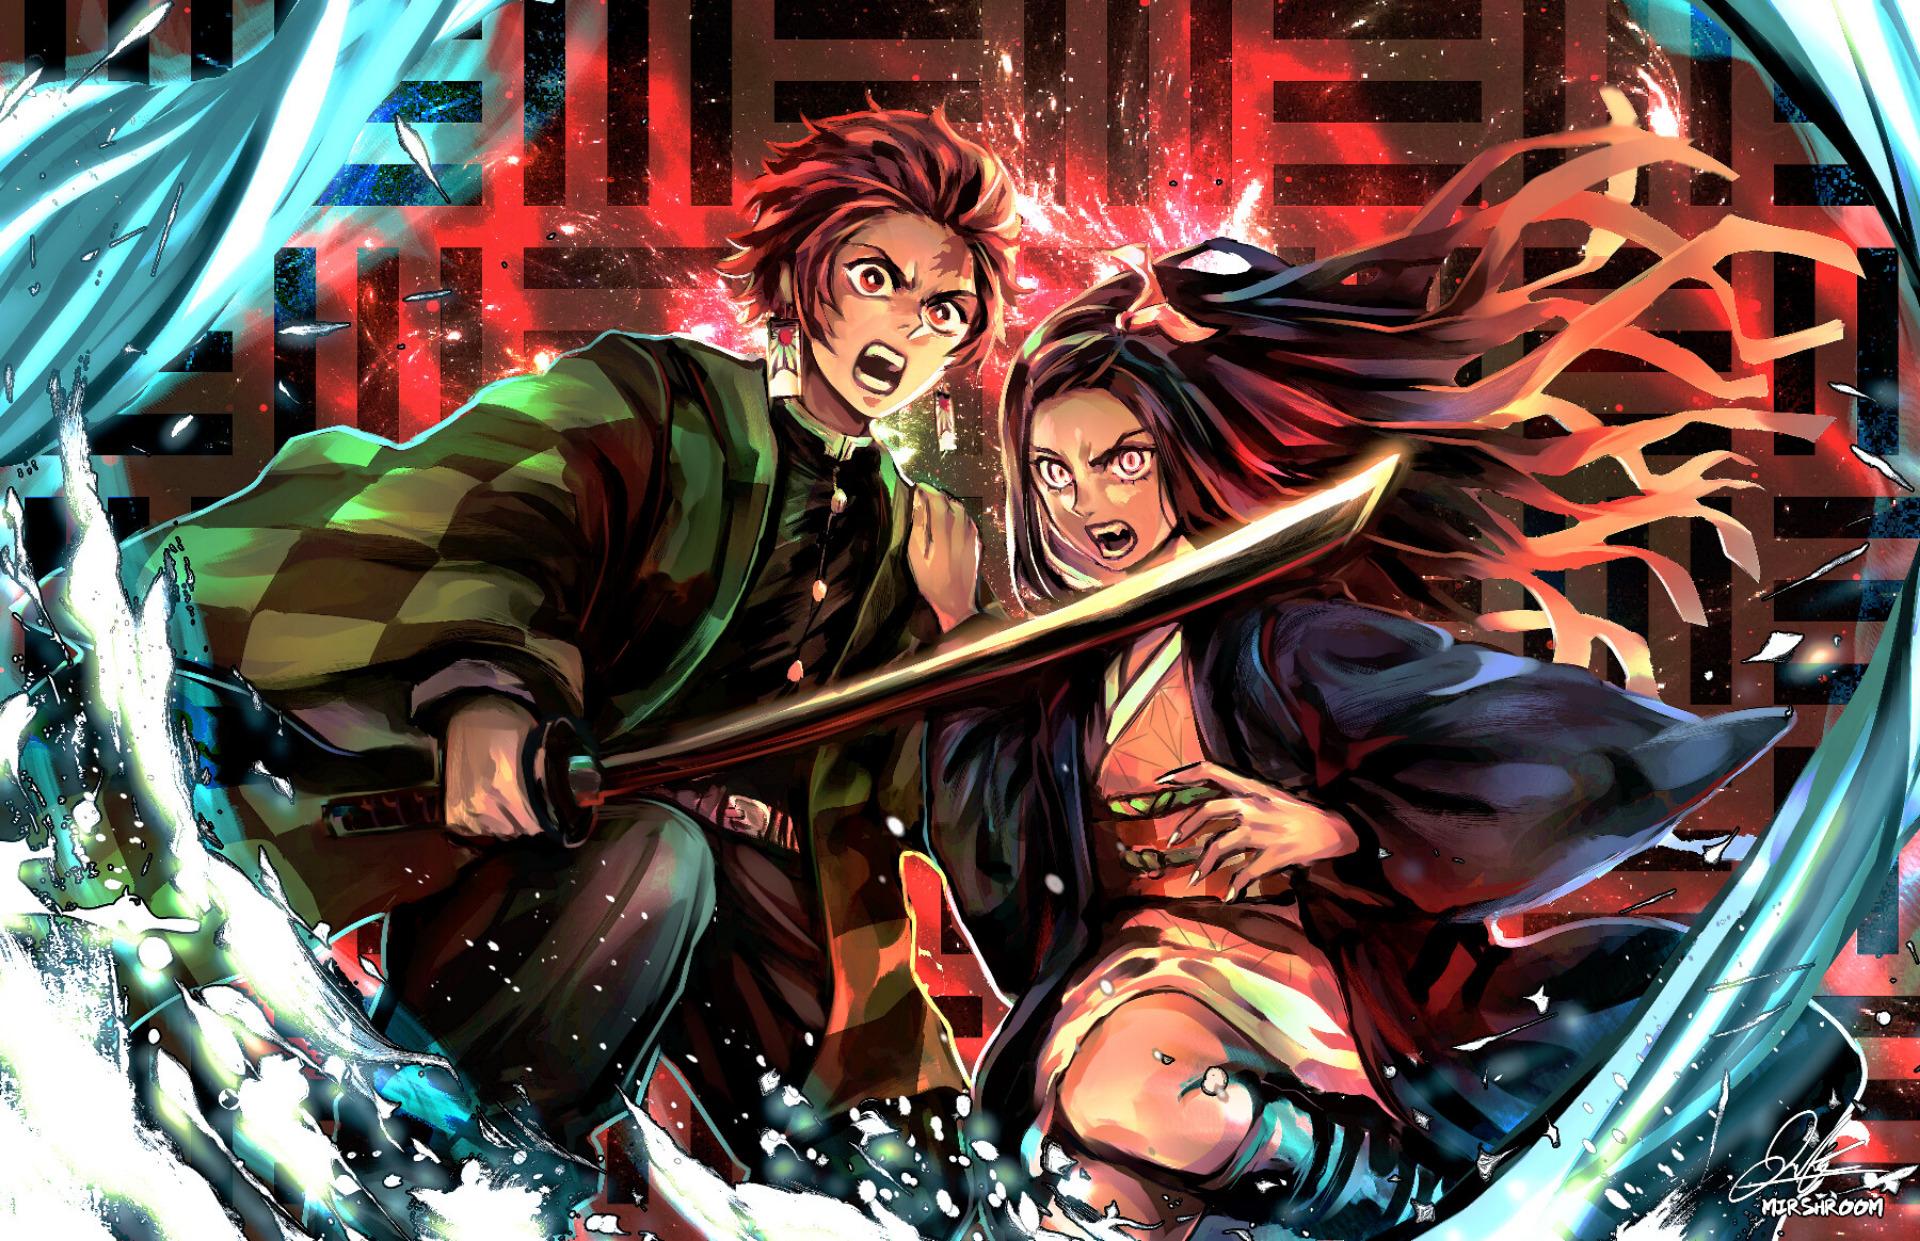 Demon Slayer Kimetsu No Yaiba Hd Wallpaper Hintergrund